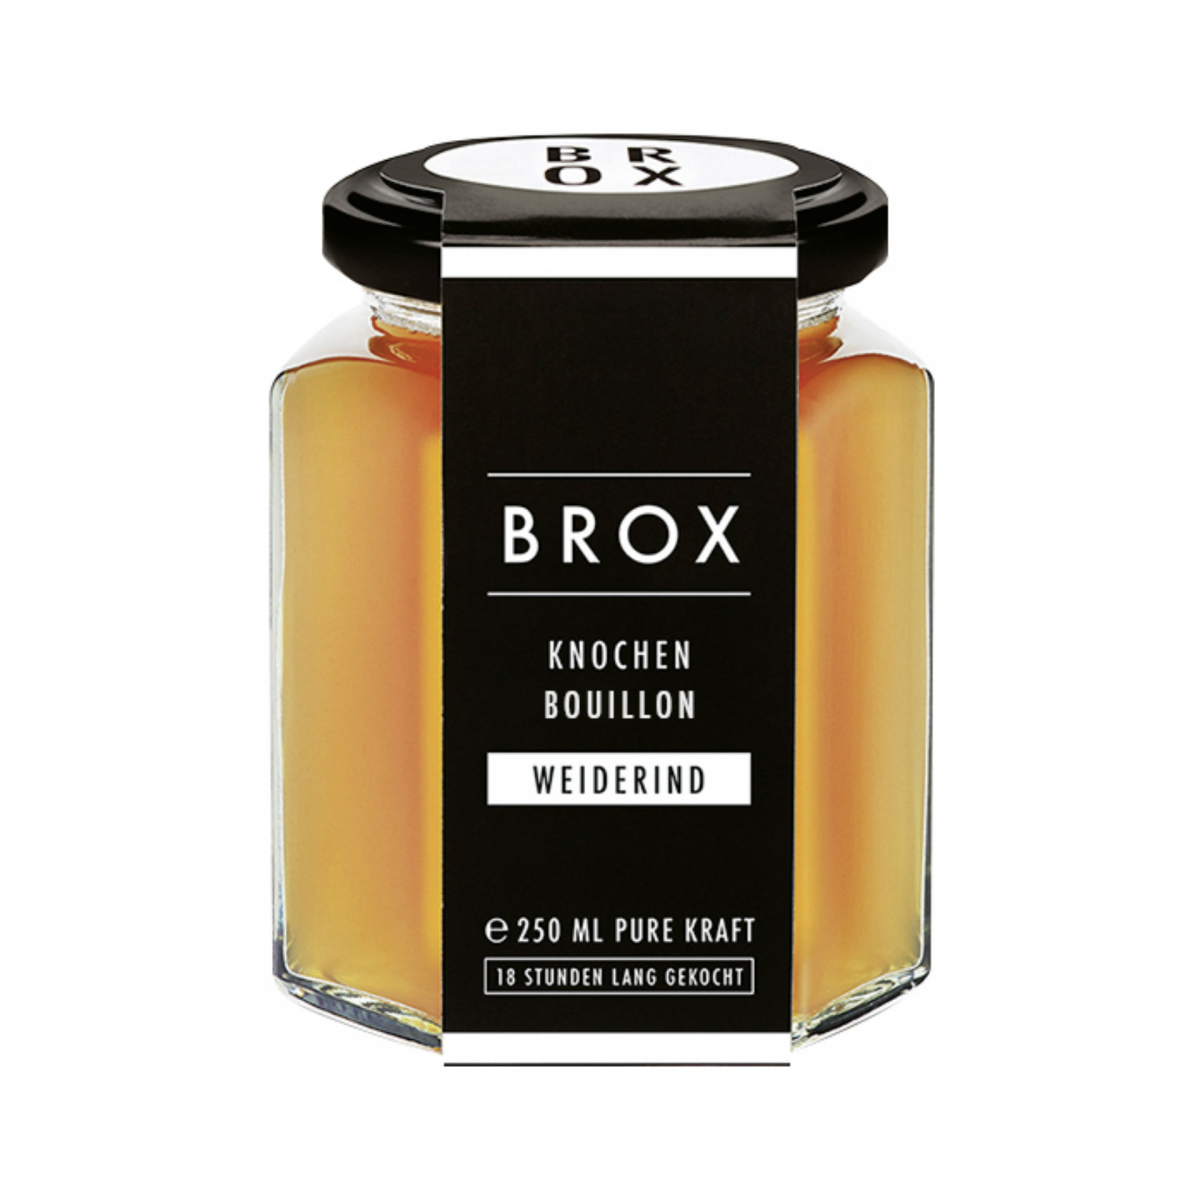 Brox Bio Knochenbouillon Weiderind